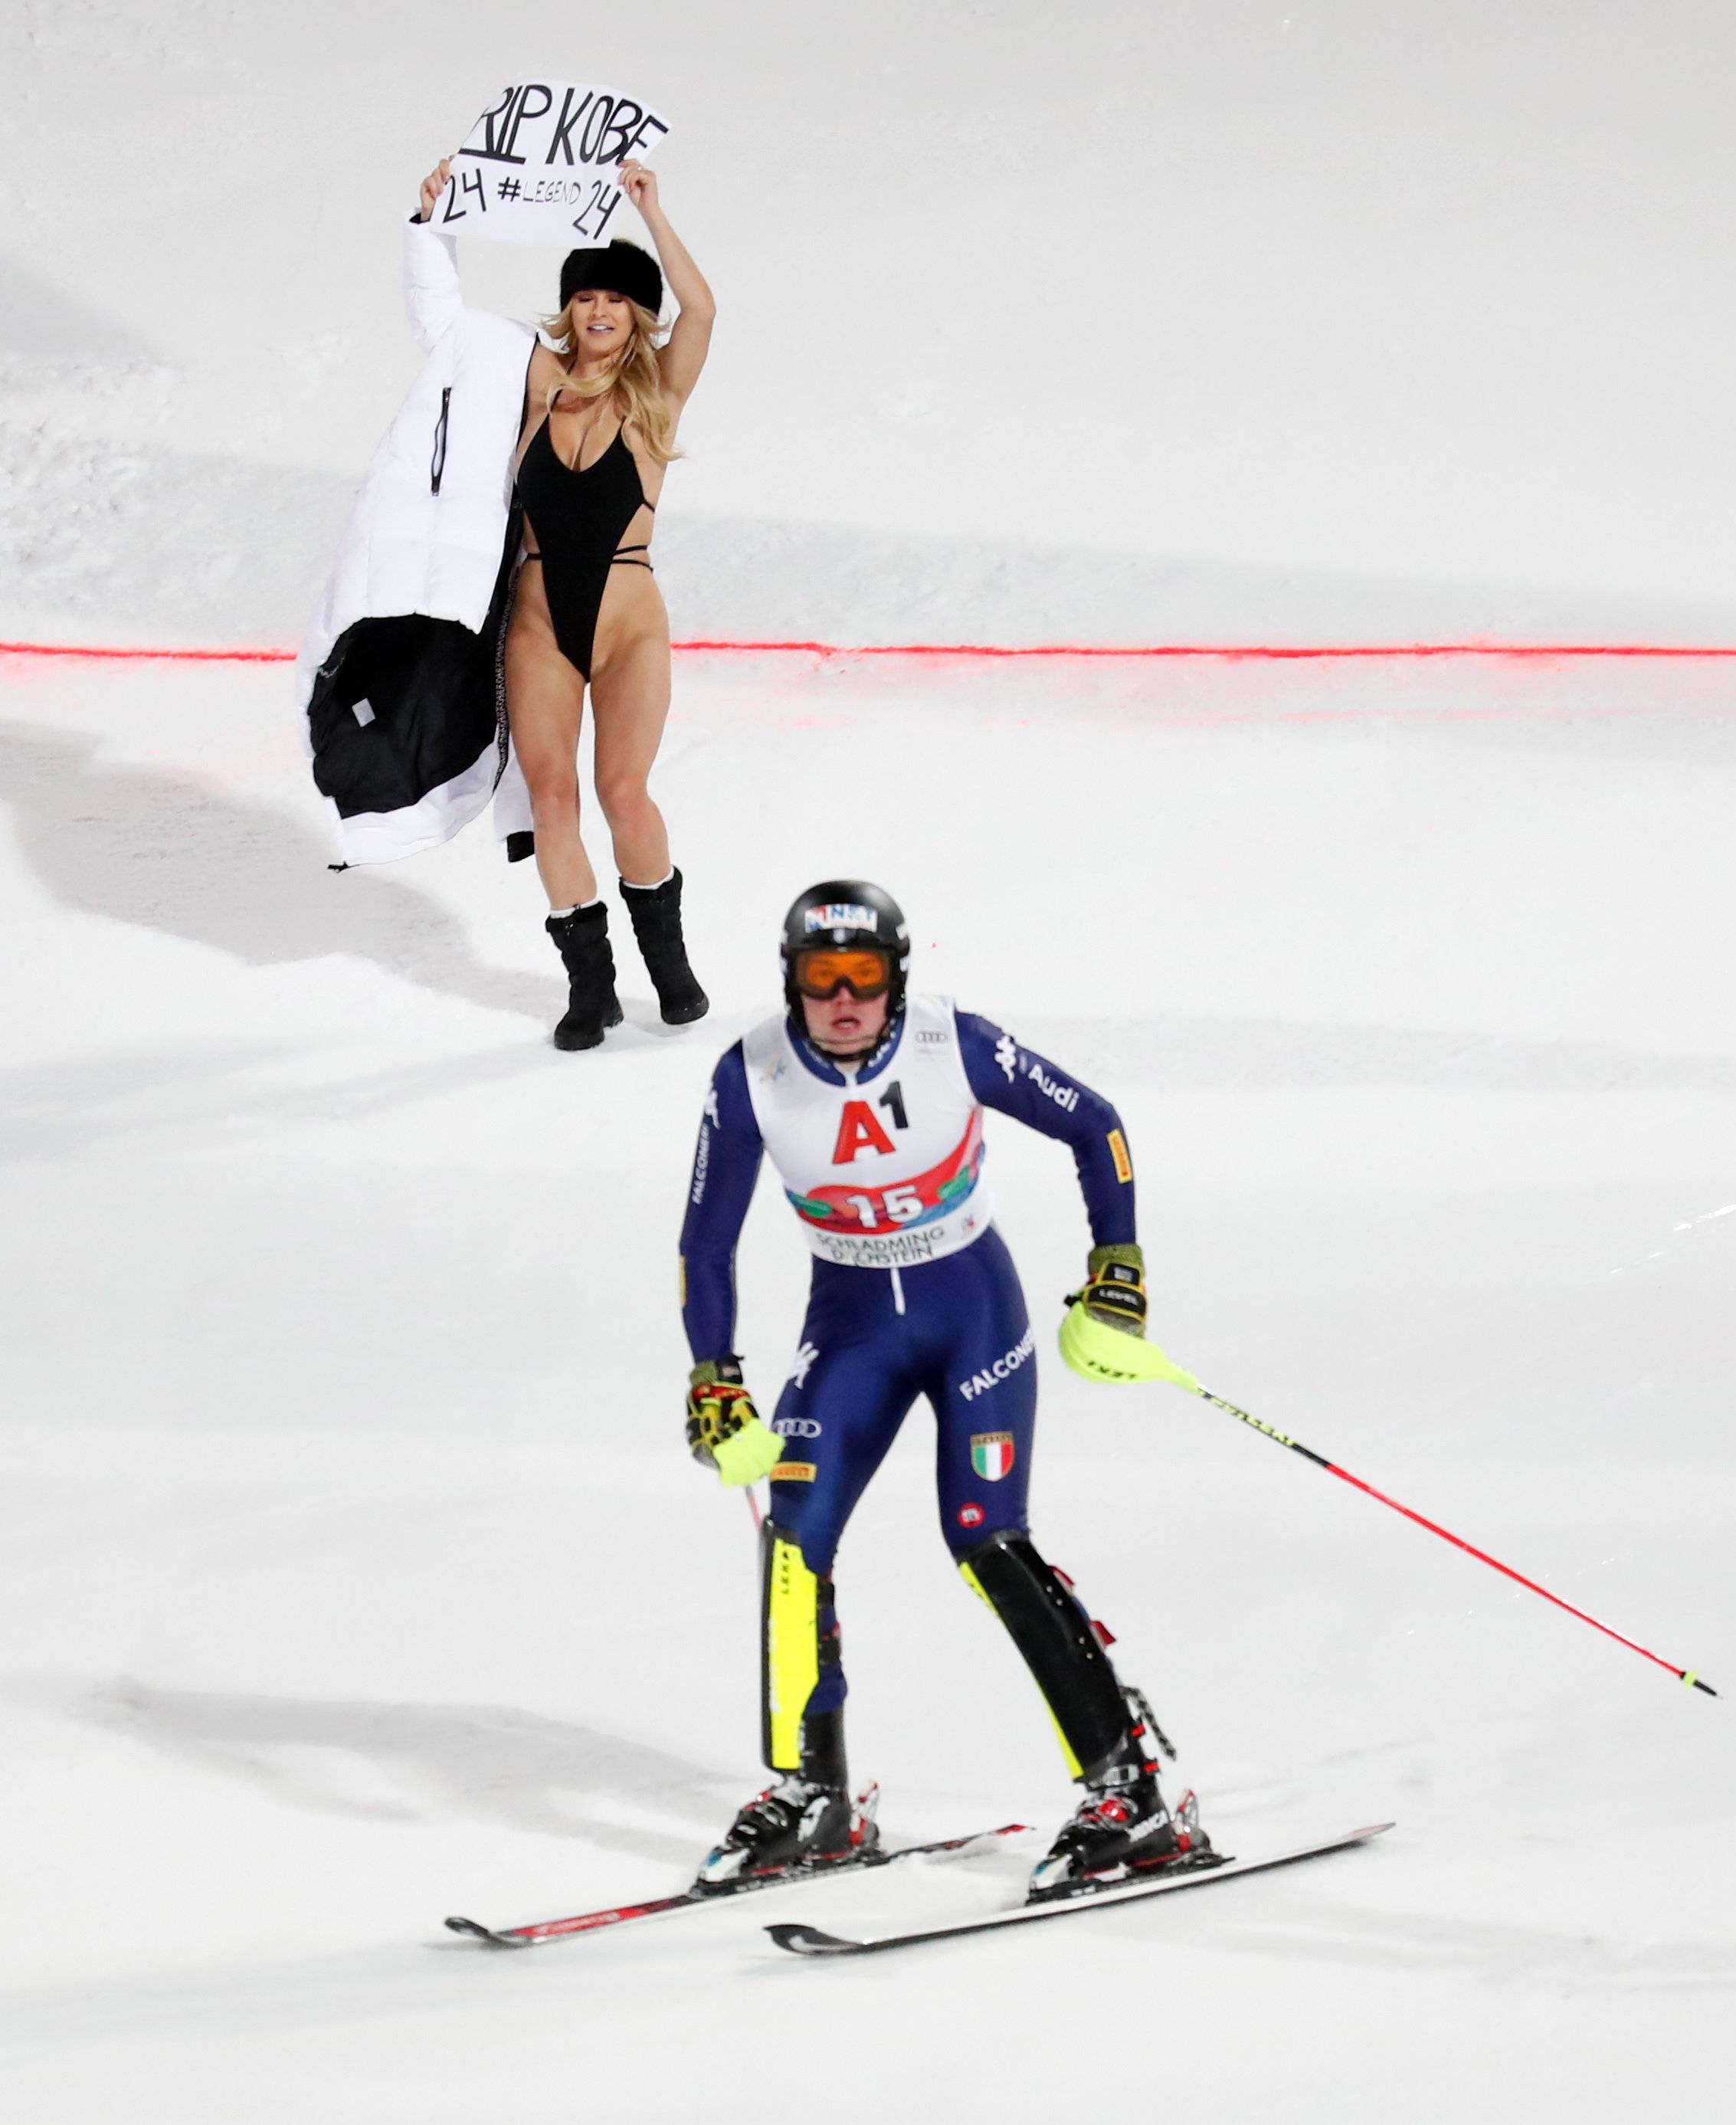 Flitzerin Ski